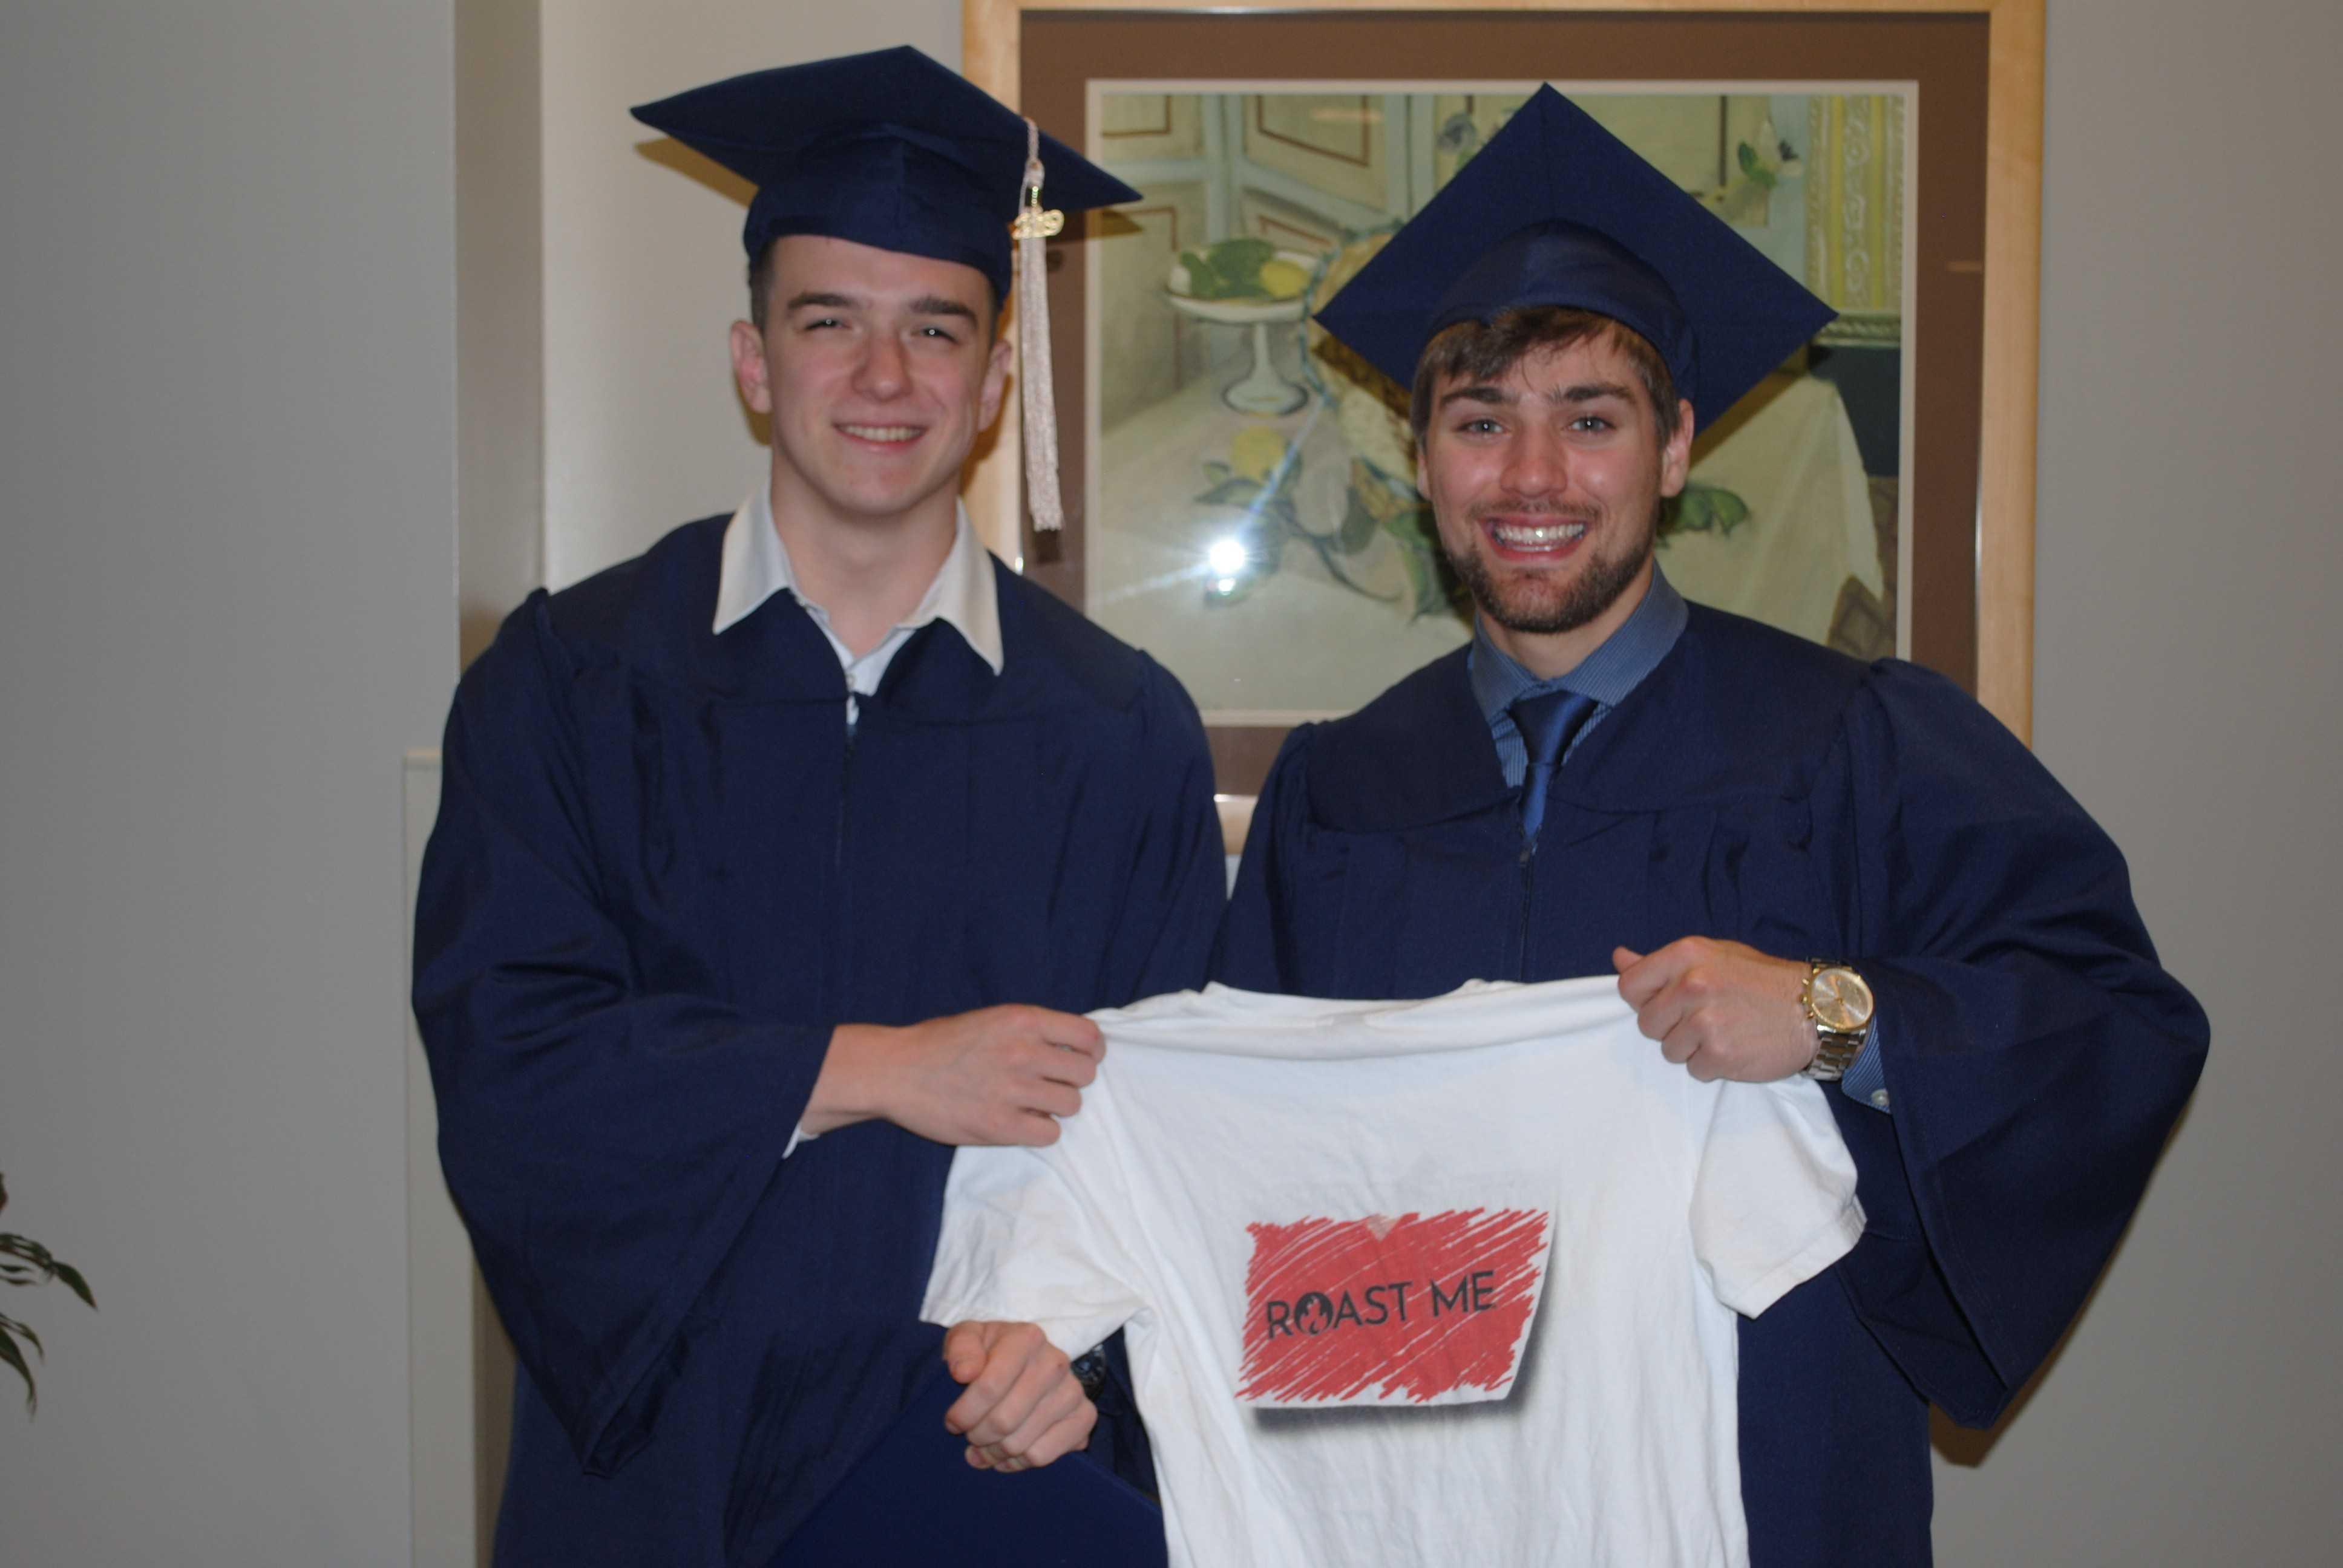 Roast Me graduates